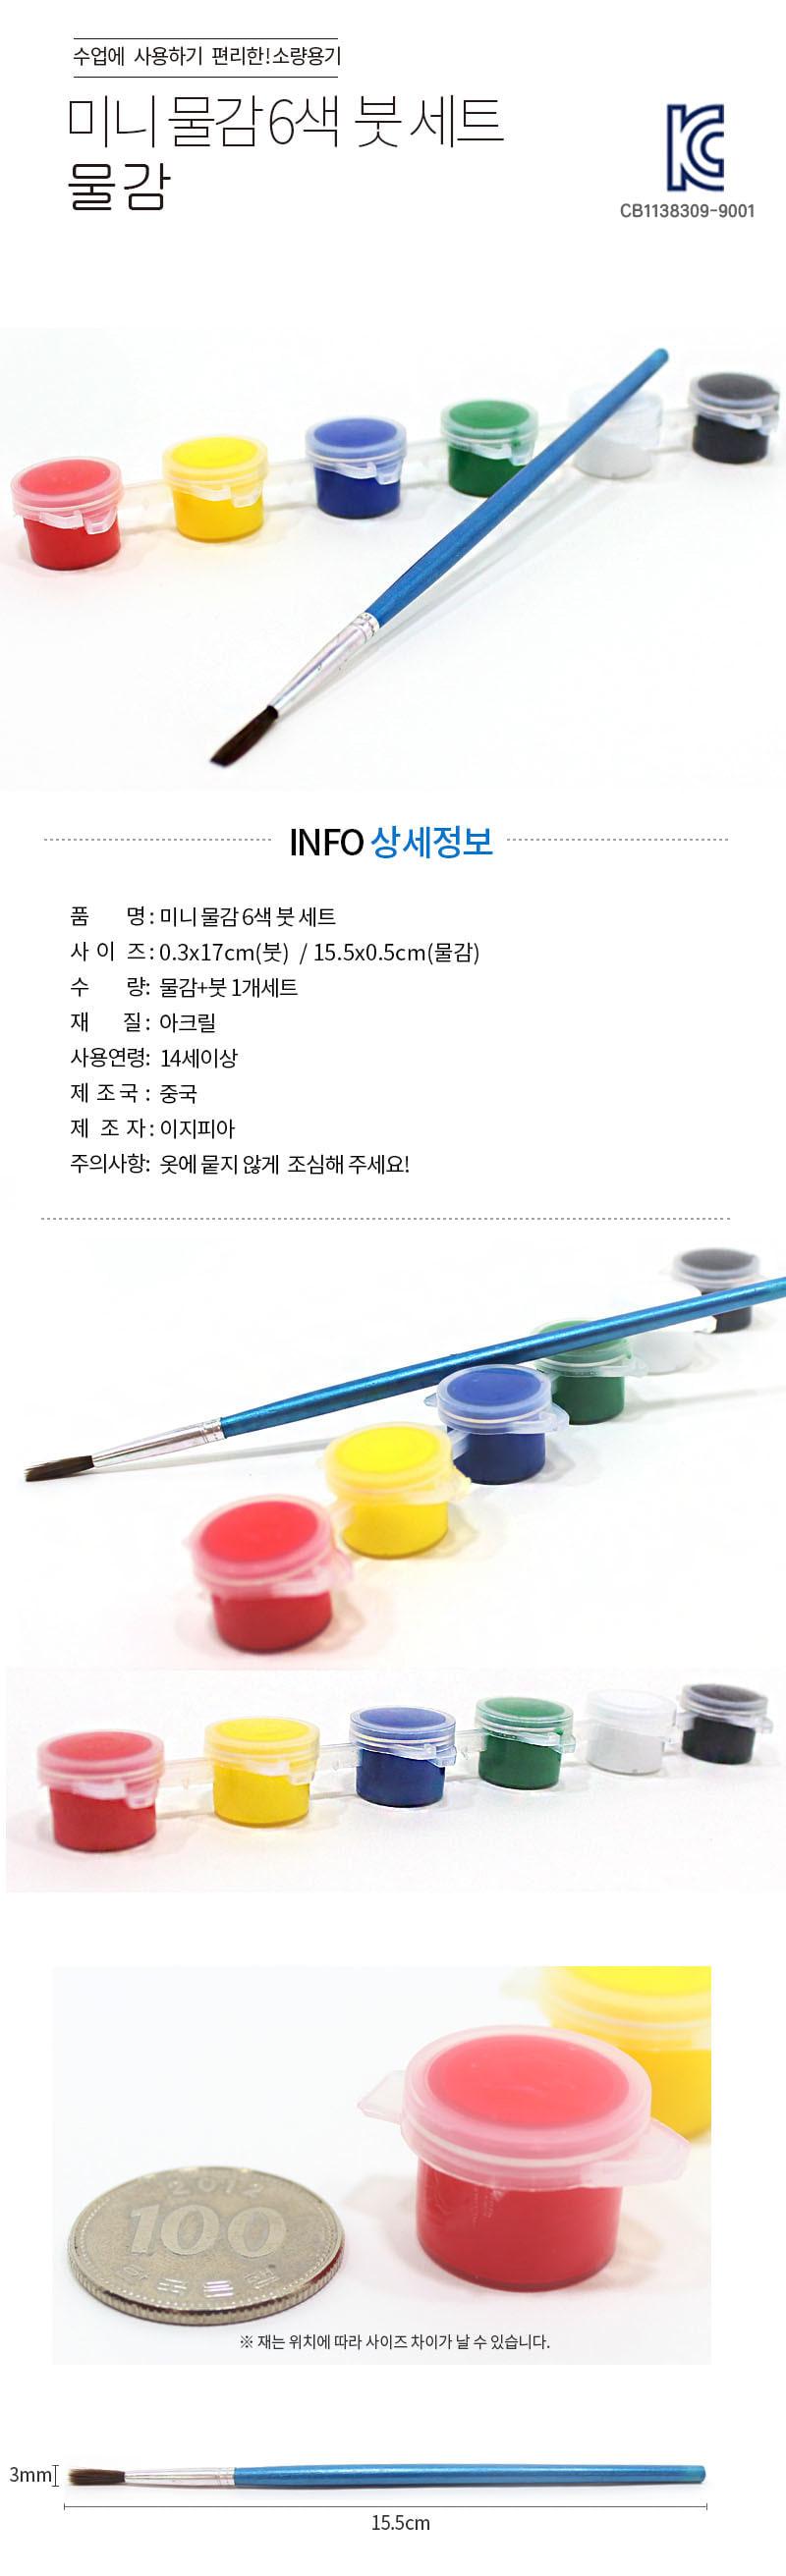 에듀 툰토이 크리에이터 세트_만들기 수업 - 툰토이, 9,000원, 미술놀이, 미술도구